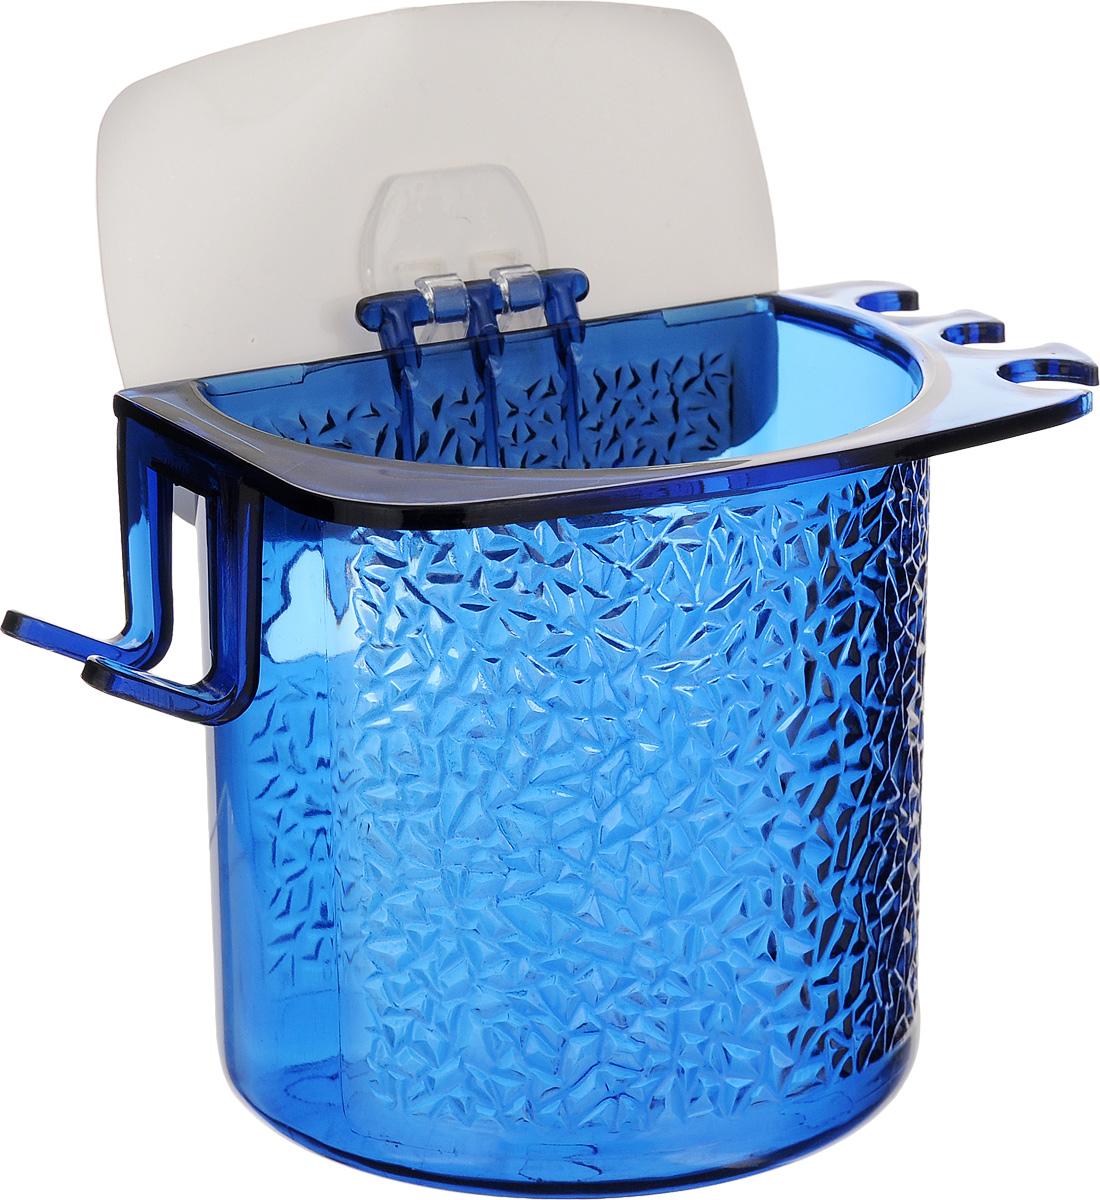 Стакан для ванной Fresh Code, на липкой основе, цвет: синий64945_синийСтакан для ванной комнаты Fresh Code выполнен из ABS пластика. Крепление на липкой основе многократного использования идеально подходит для гладкой поверхности. С оборотной стороны изделие оснащено двумя отверстиями для удобного размещения на стене.В стакане удобно хранить зубные щетки, пасту и другие принадлежности. Аксессуары для ванной комнаты Fresh Code стильно украсят интерьер и добавят в обычную обстановку яркие и модные акценты. Стакан идеально подойдет к любому стилю ванной комнаты.